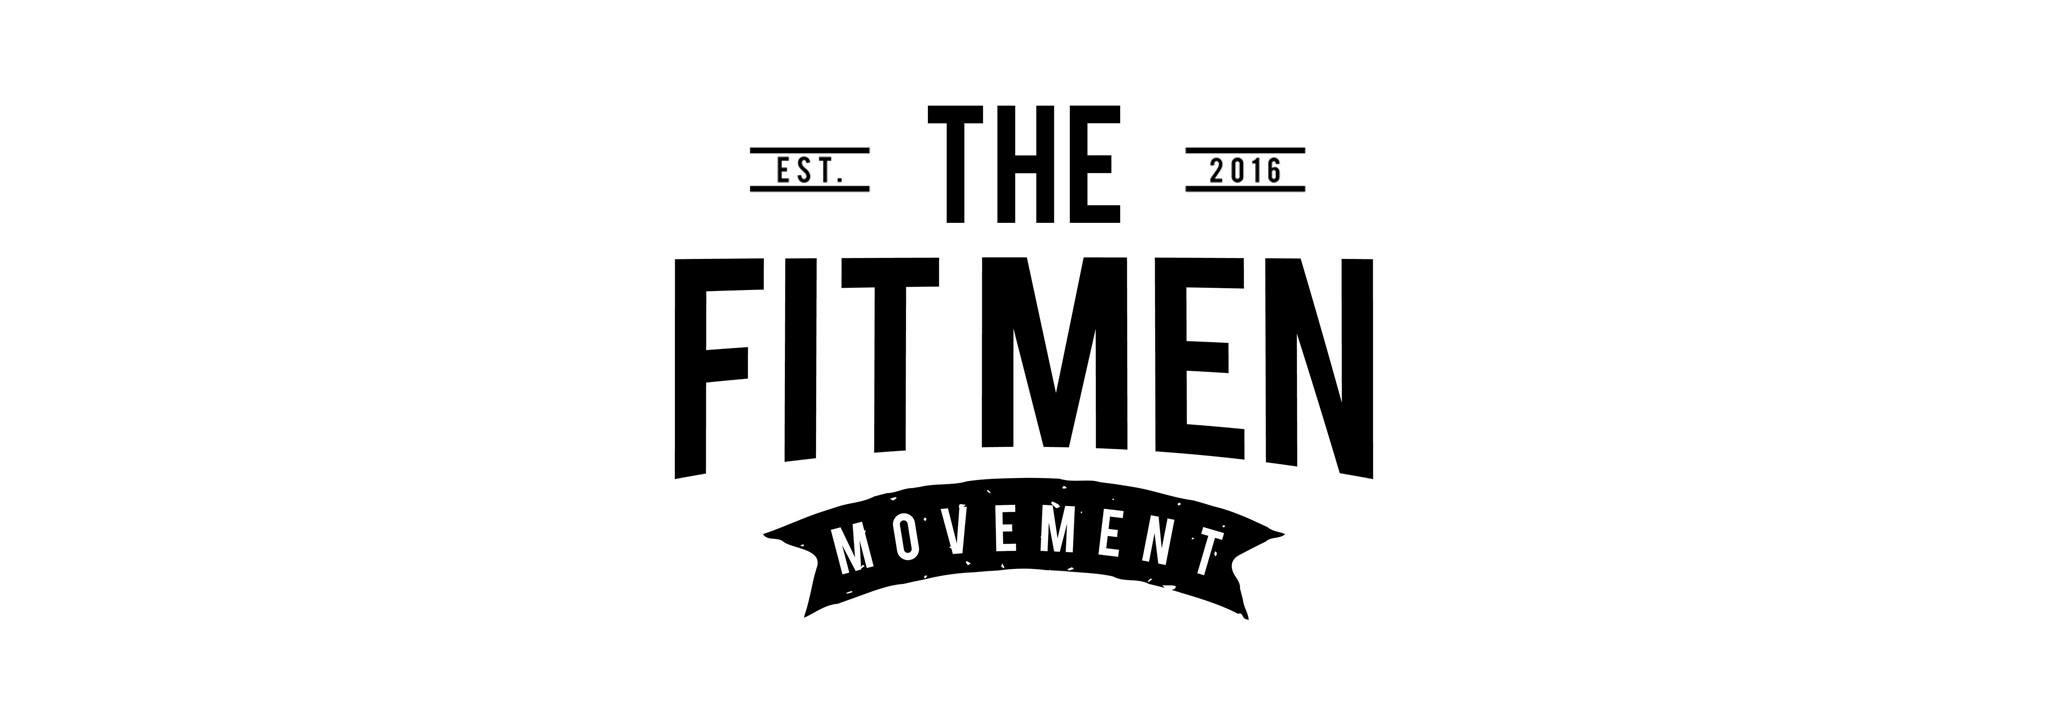 Fit Men Movement